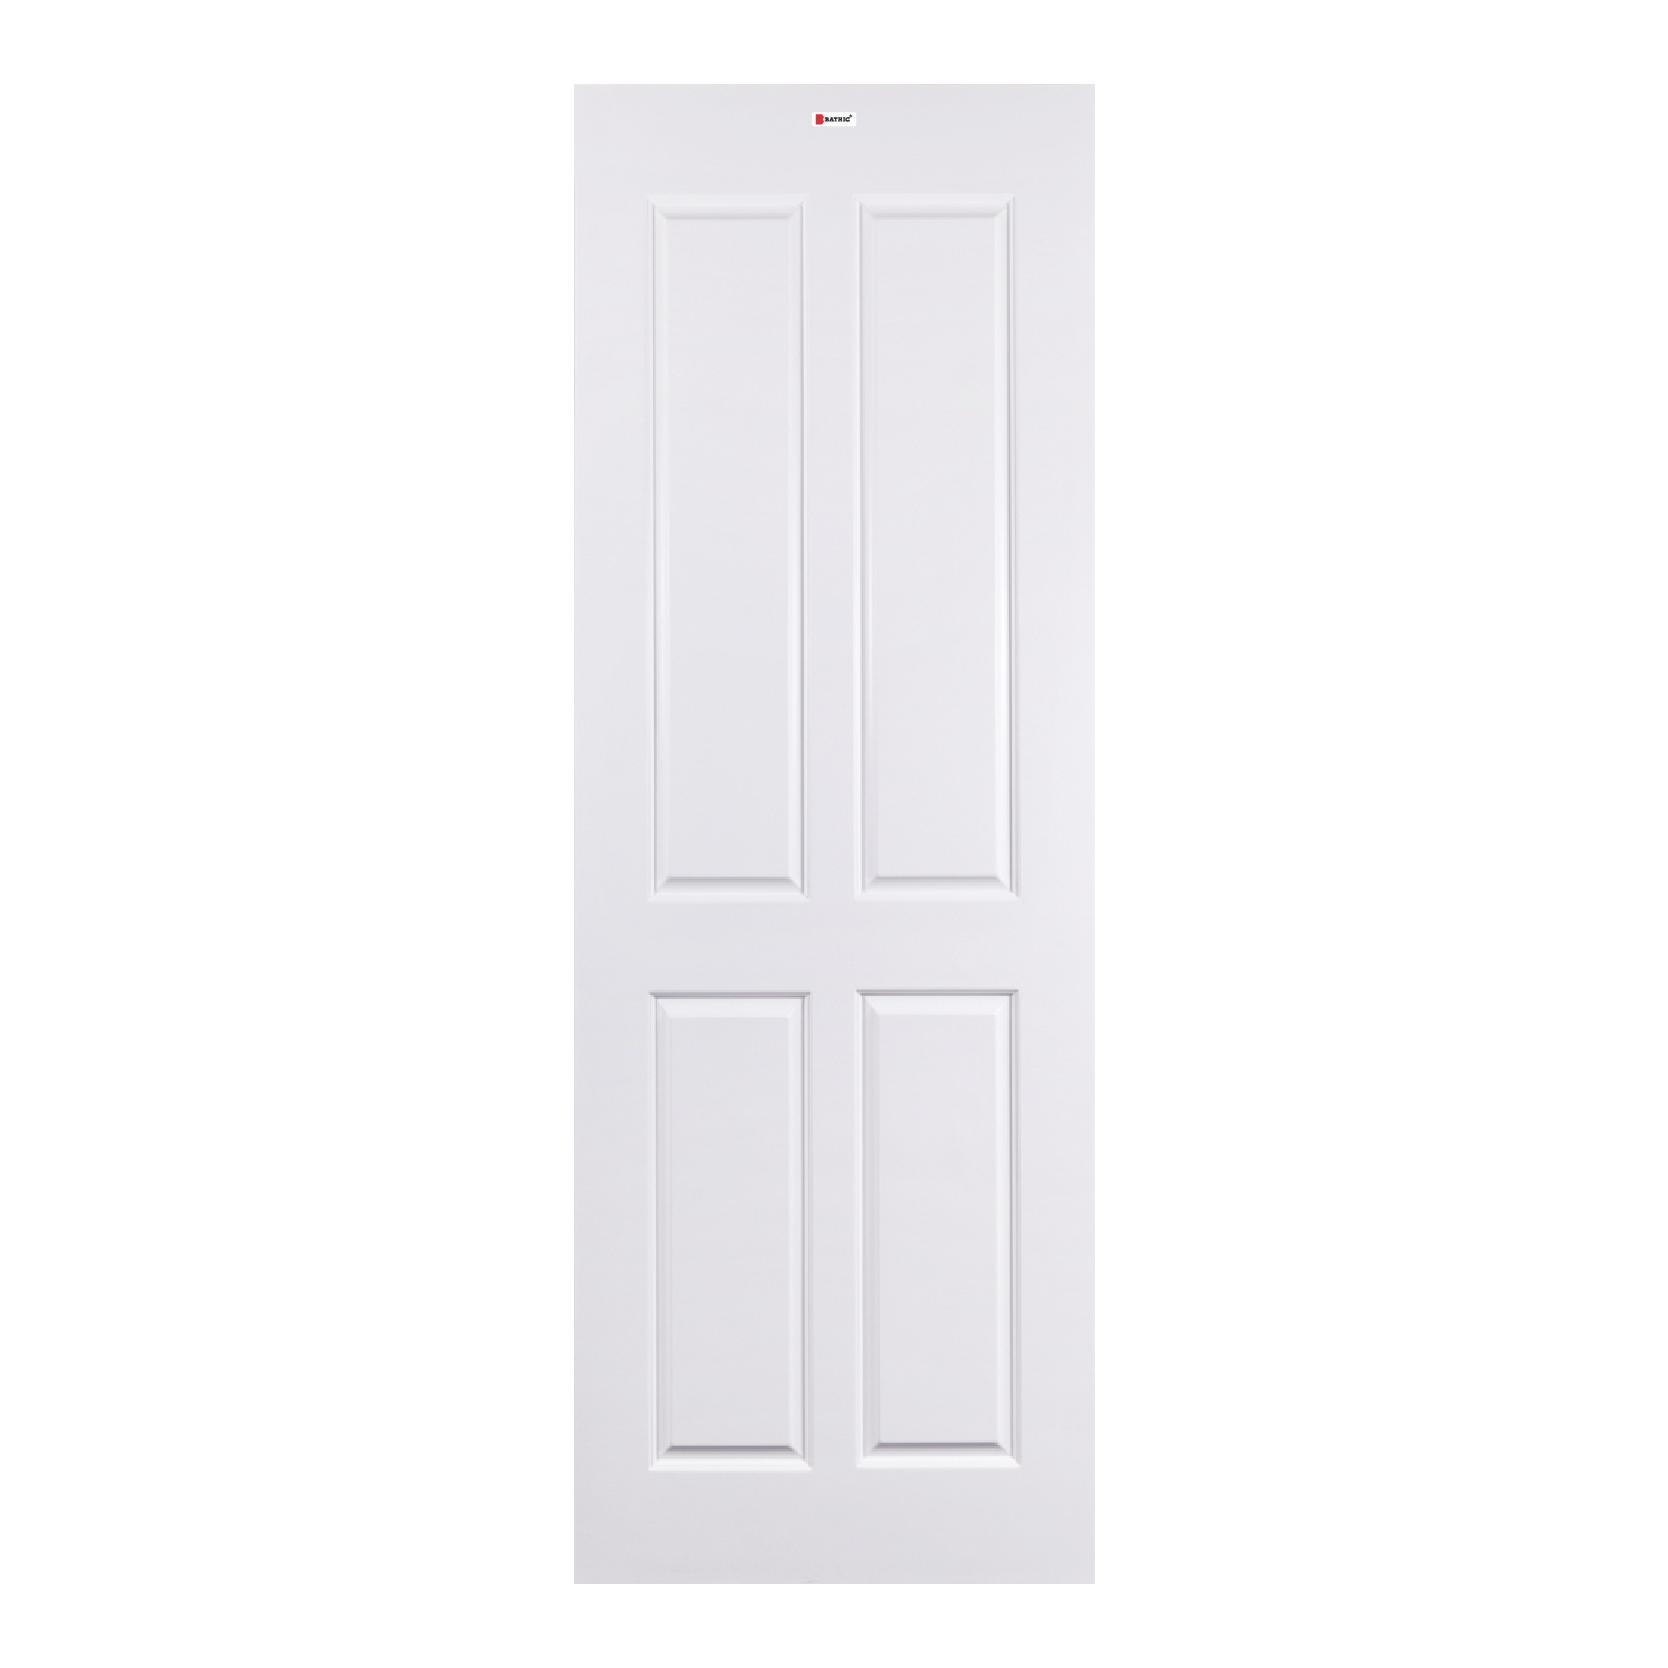 door-upvc-bathic-btb03-white-1